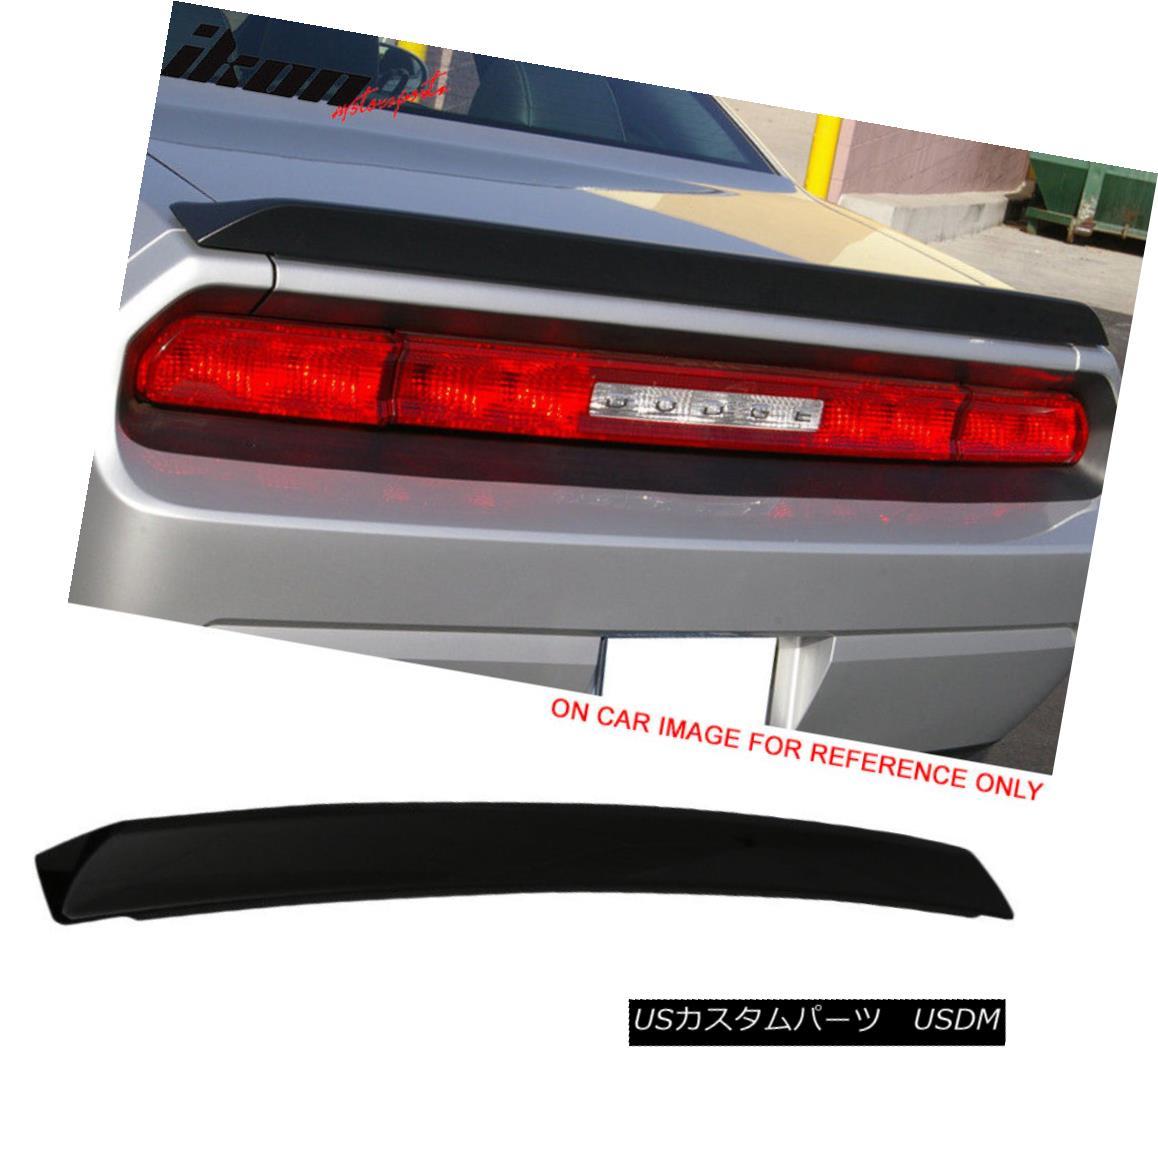 エアロパーツ Fits 08-17 Challenger Factory Flush Deck ABS Trunk Spoiler Painted #PX8 Black フィット08-17チャレンジャー工場フラッシュデッキABSトランクスポイラー#PX8ブラック塗装